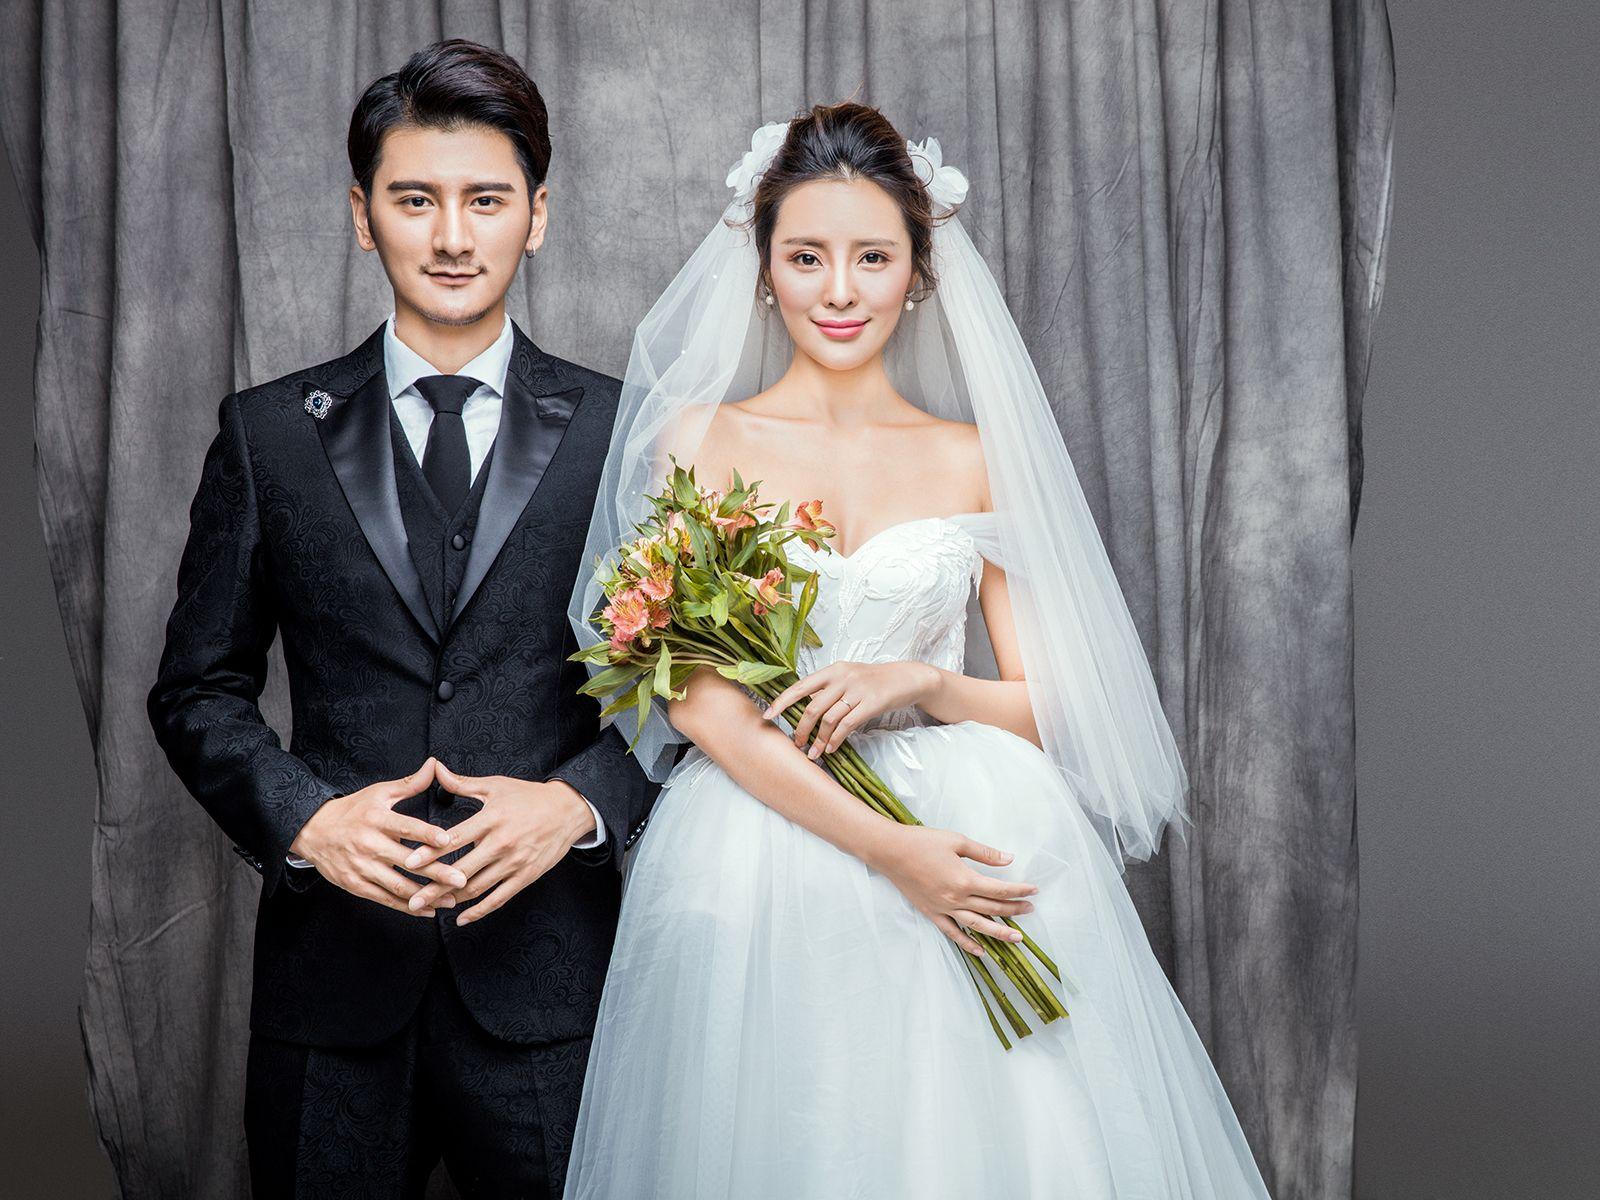 摩登首尔韩国新派婚纱摄影